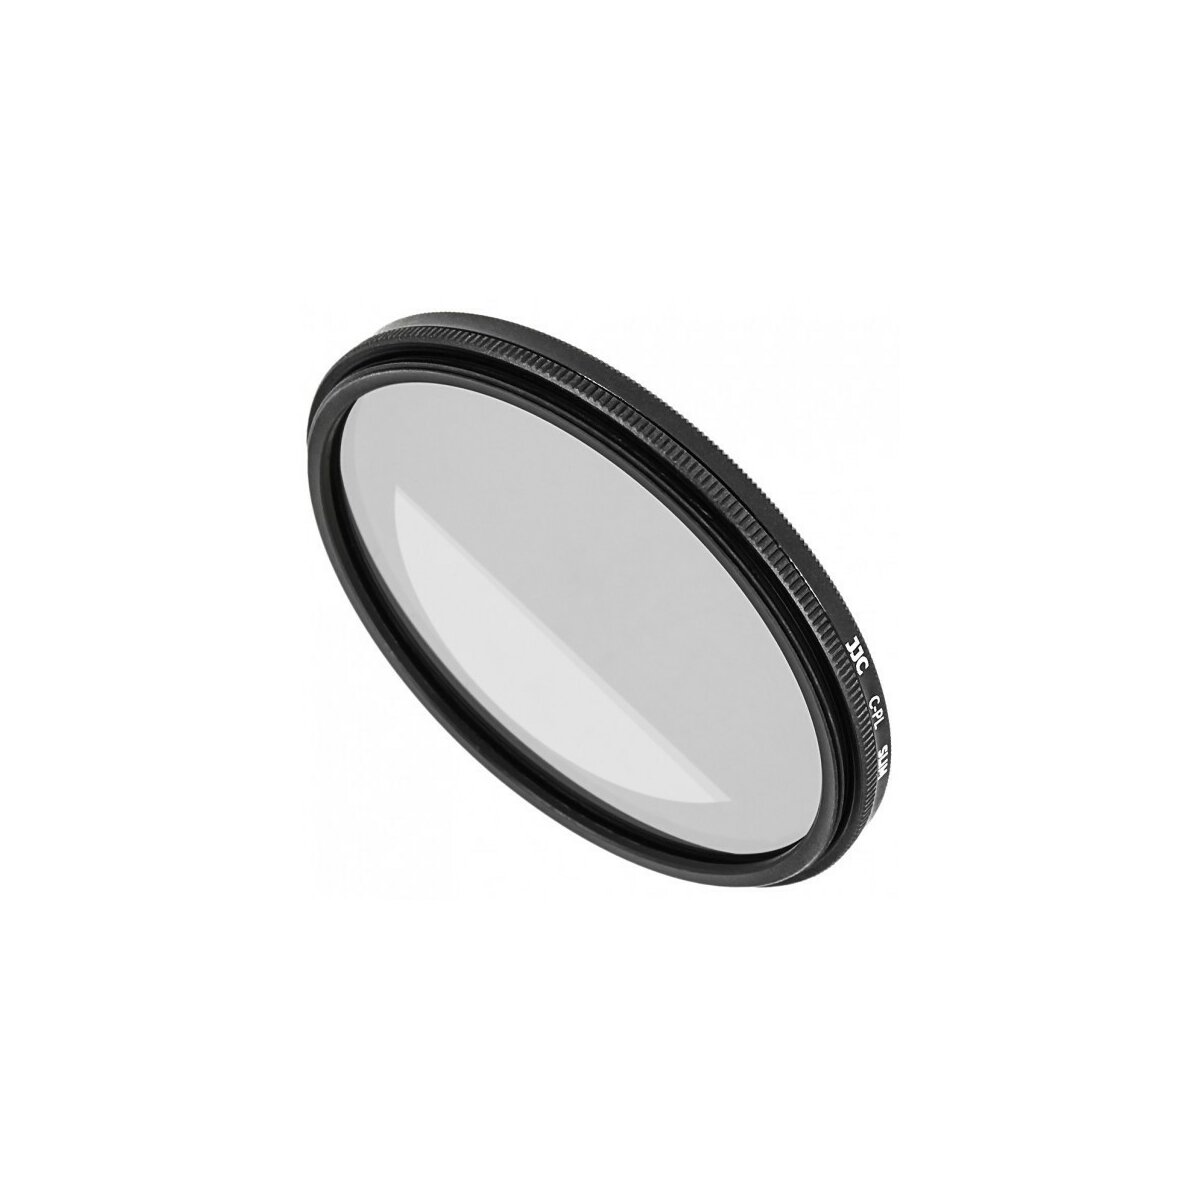 Ultra Flacher Zirkular CPL Polfilter fuer Objektive mit 58 mm Filtergewinde - fuer kontrastreiche Bilder mit gesaettigten Farben